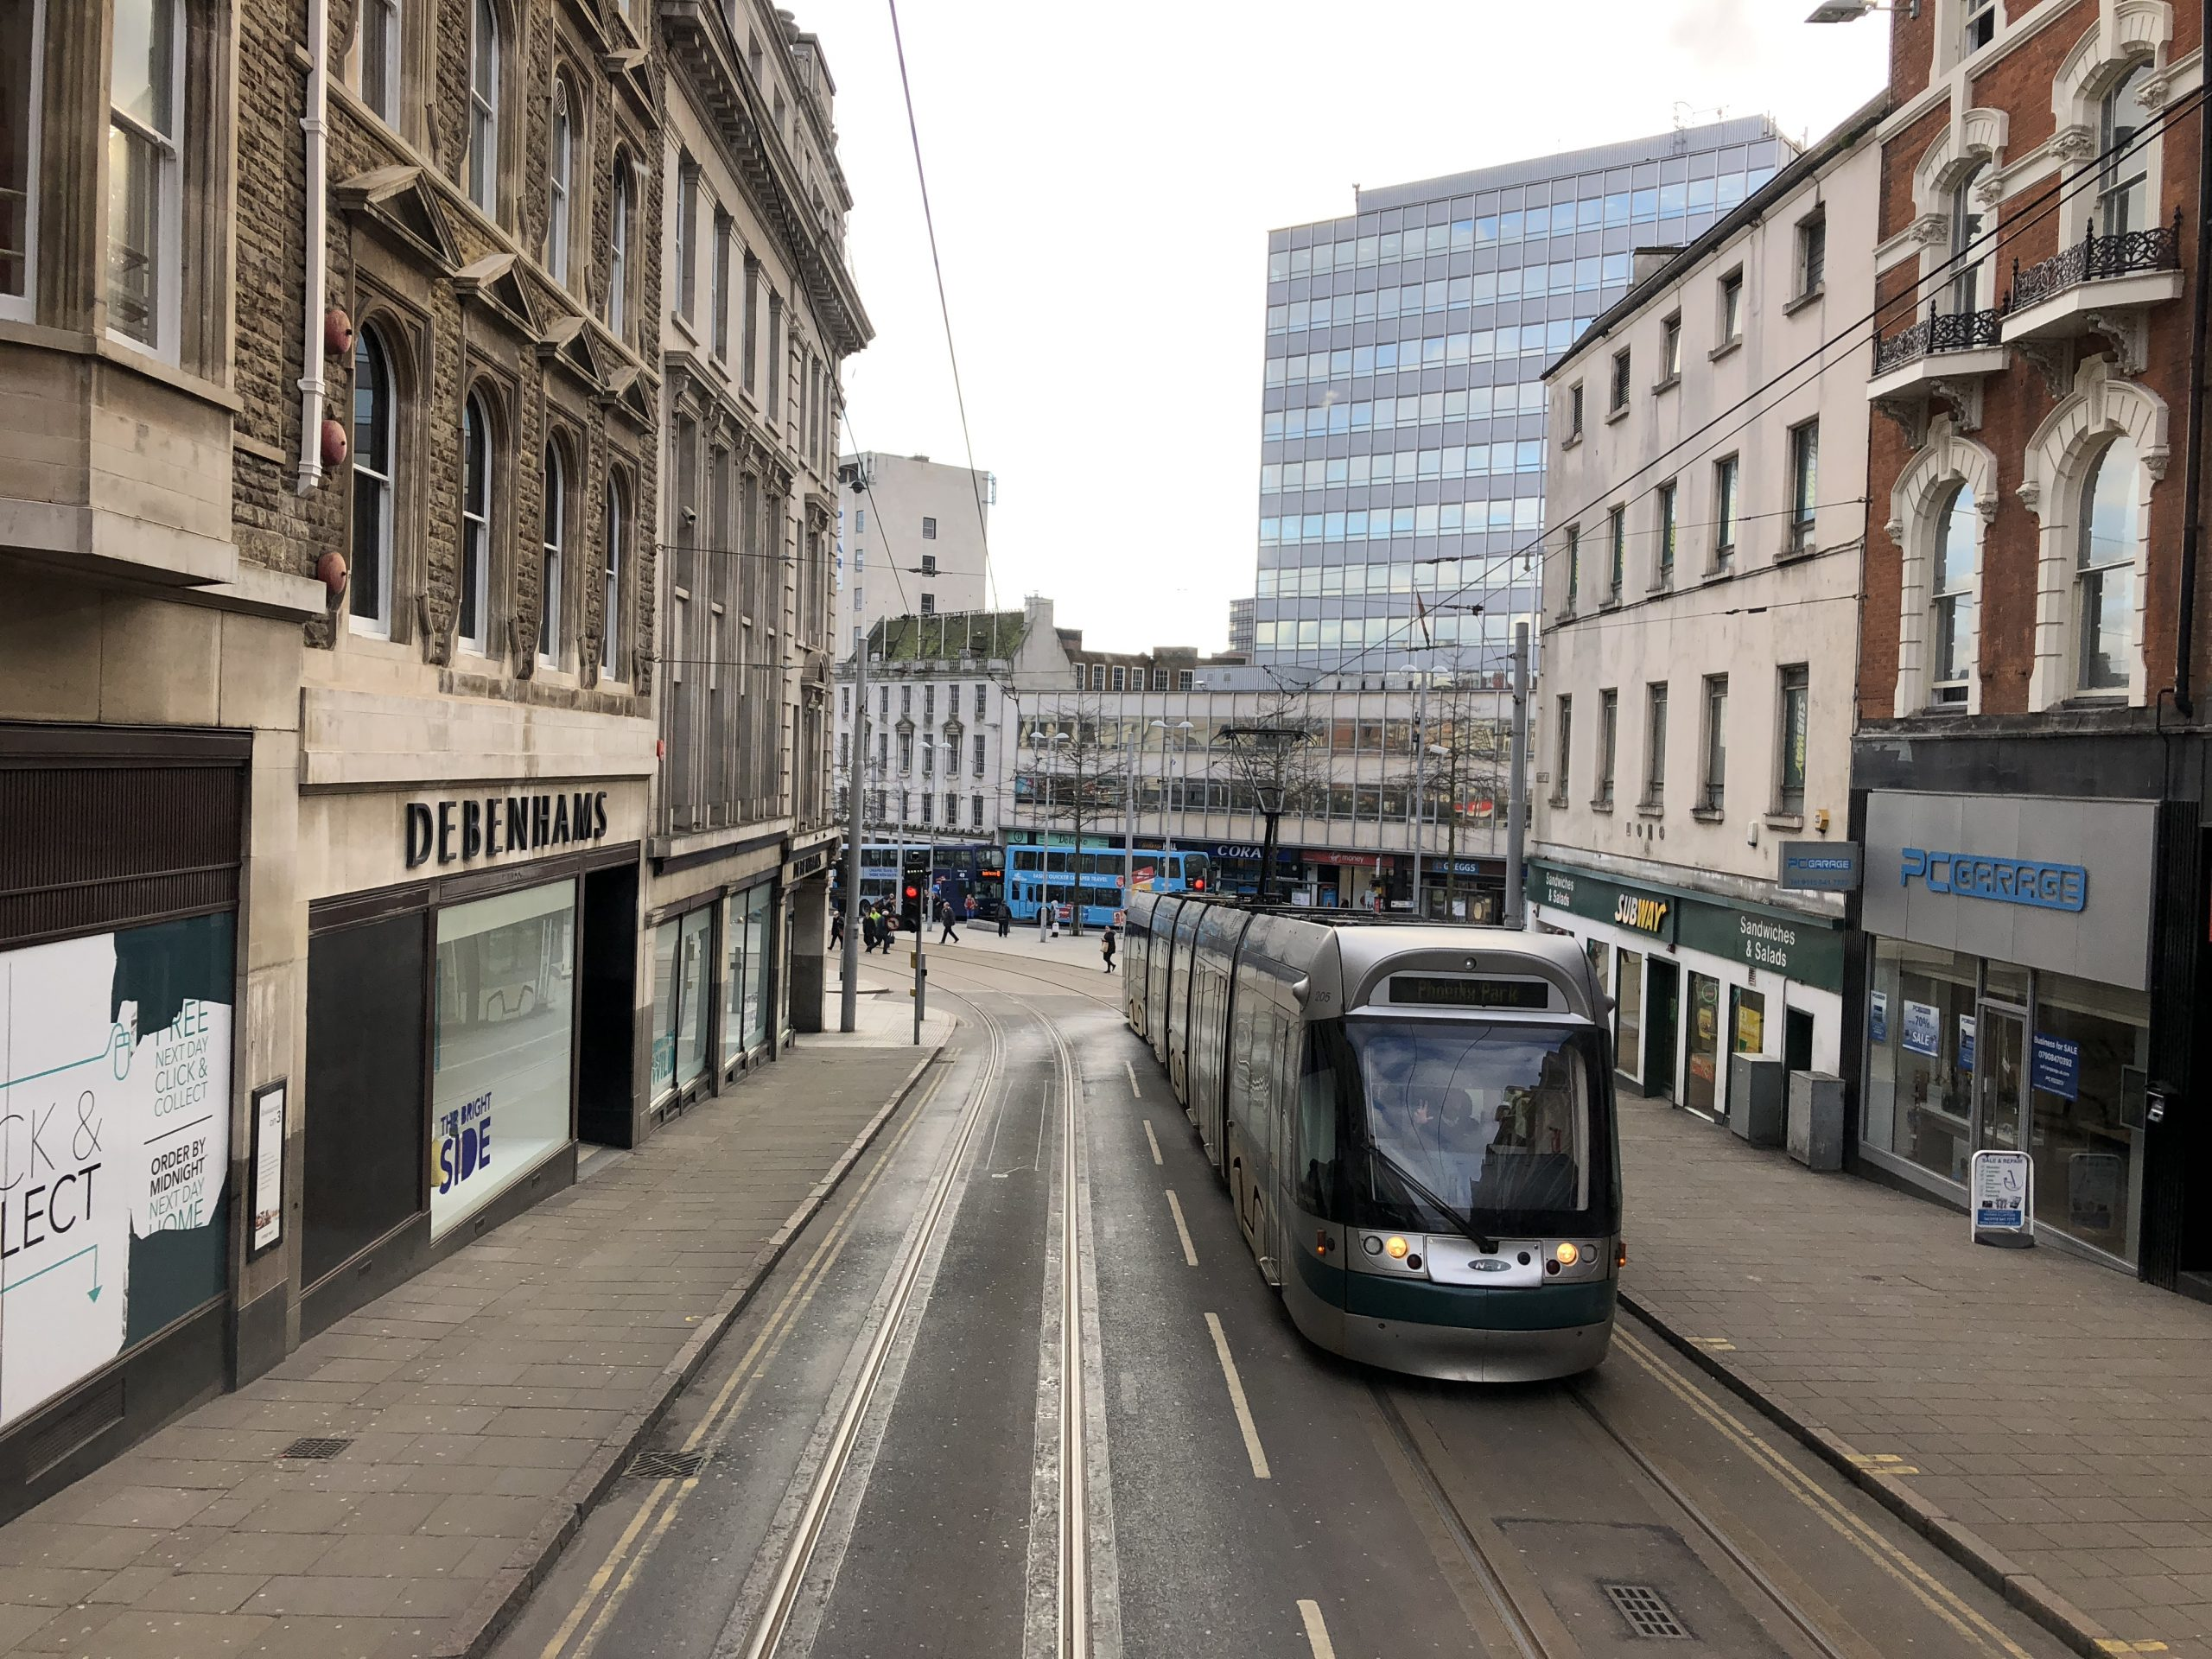 Nottingham tram Nottingham tram service